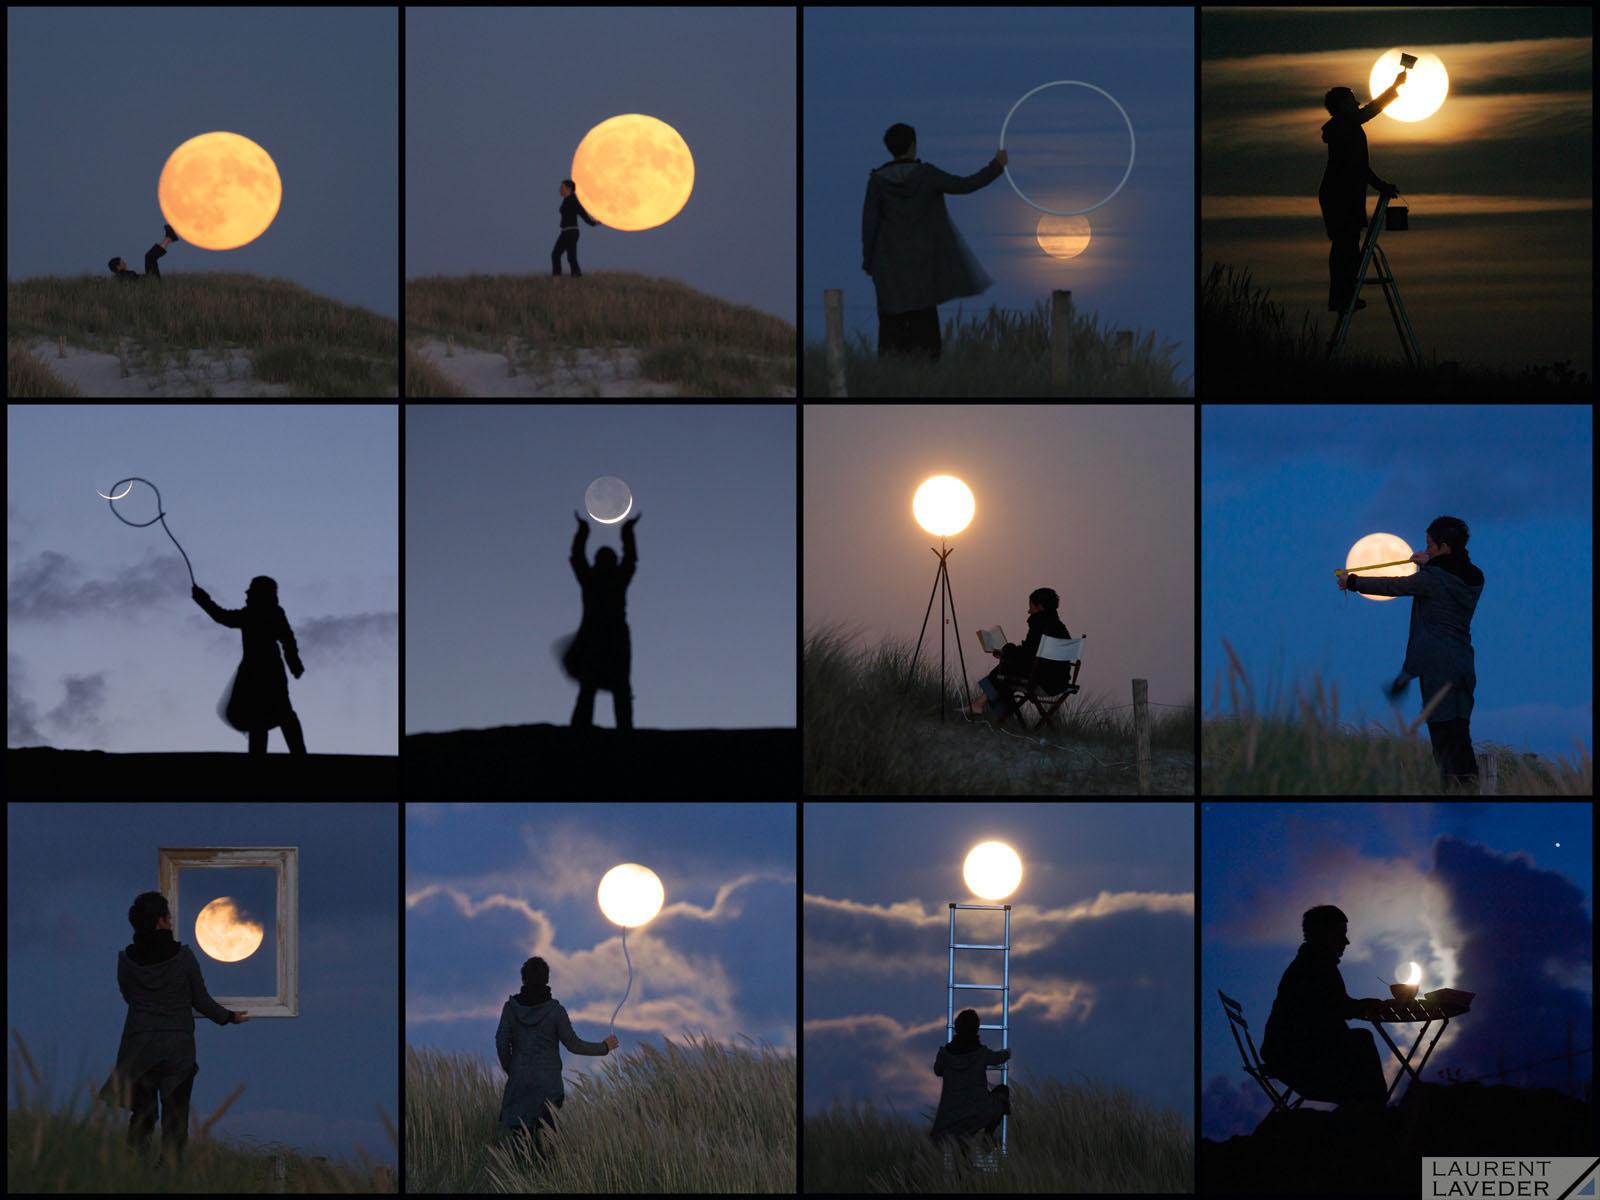 Un personnage tente de monter sur la Pleine Lune à l'aide d'une échelle.